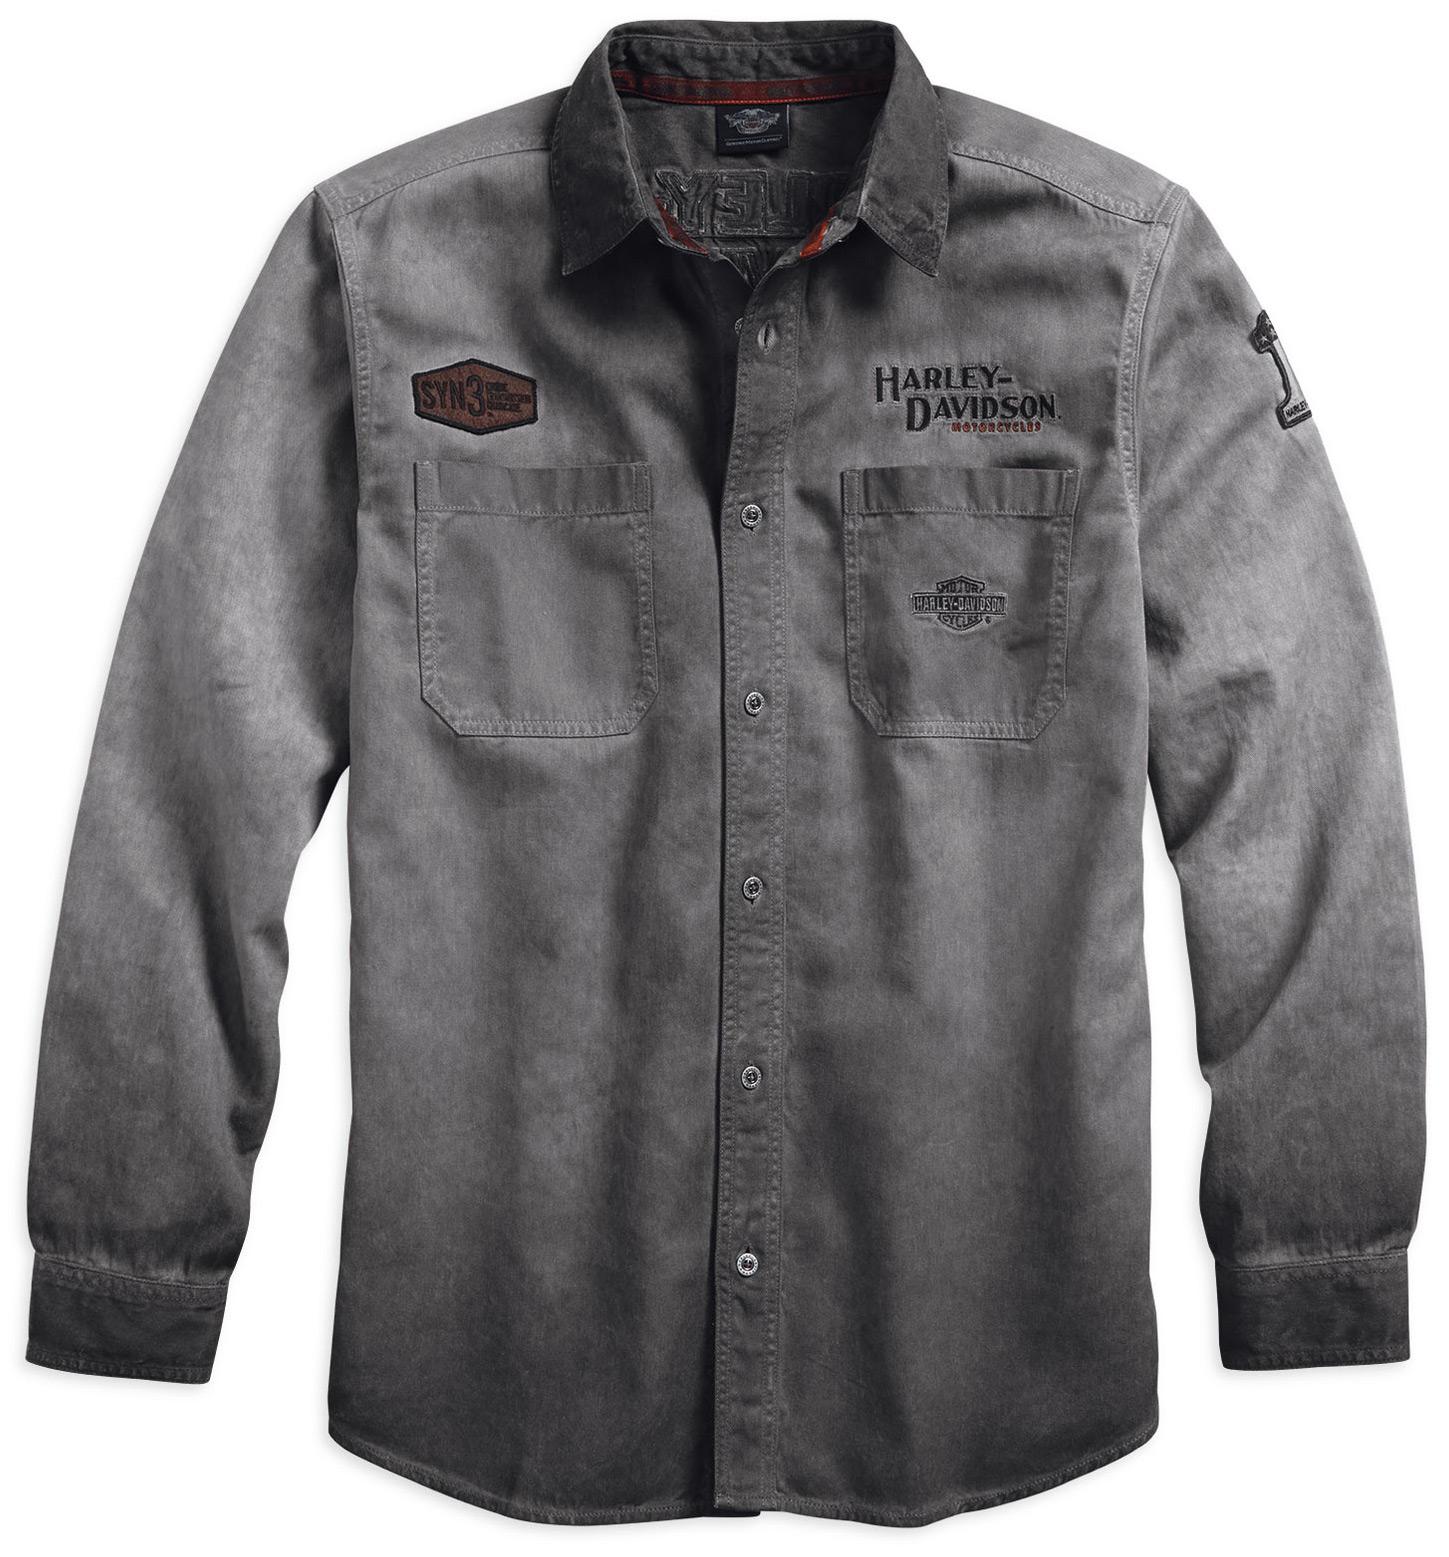 2adaba58a3 Harley-Davidson Hemden online kaufen im Thunderbike Shop